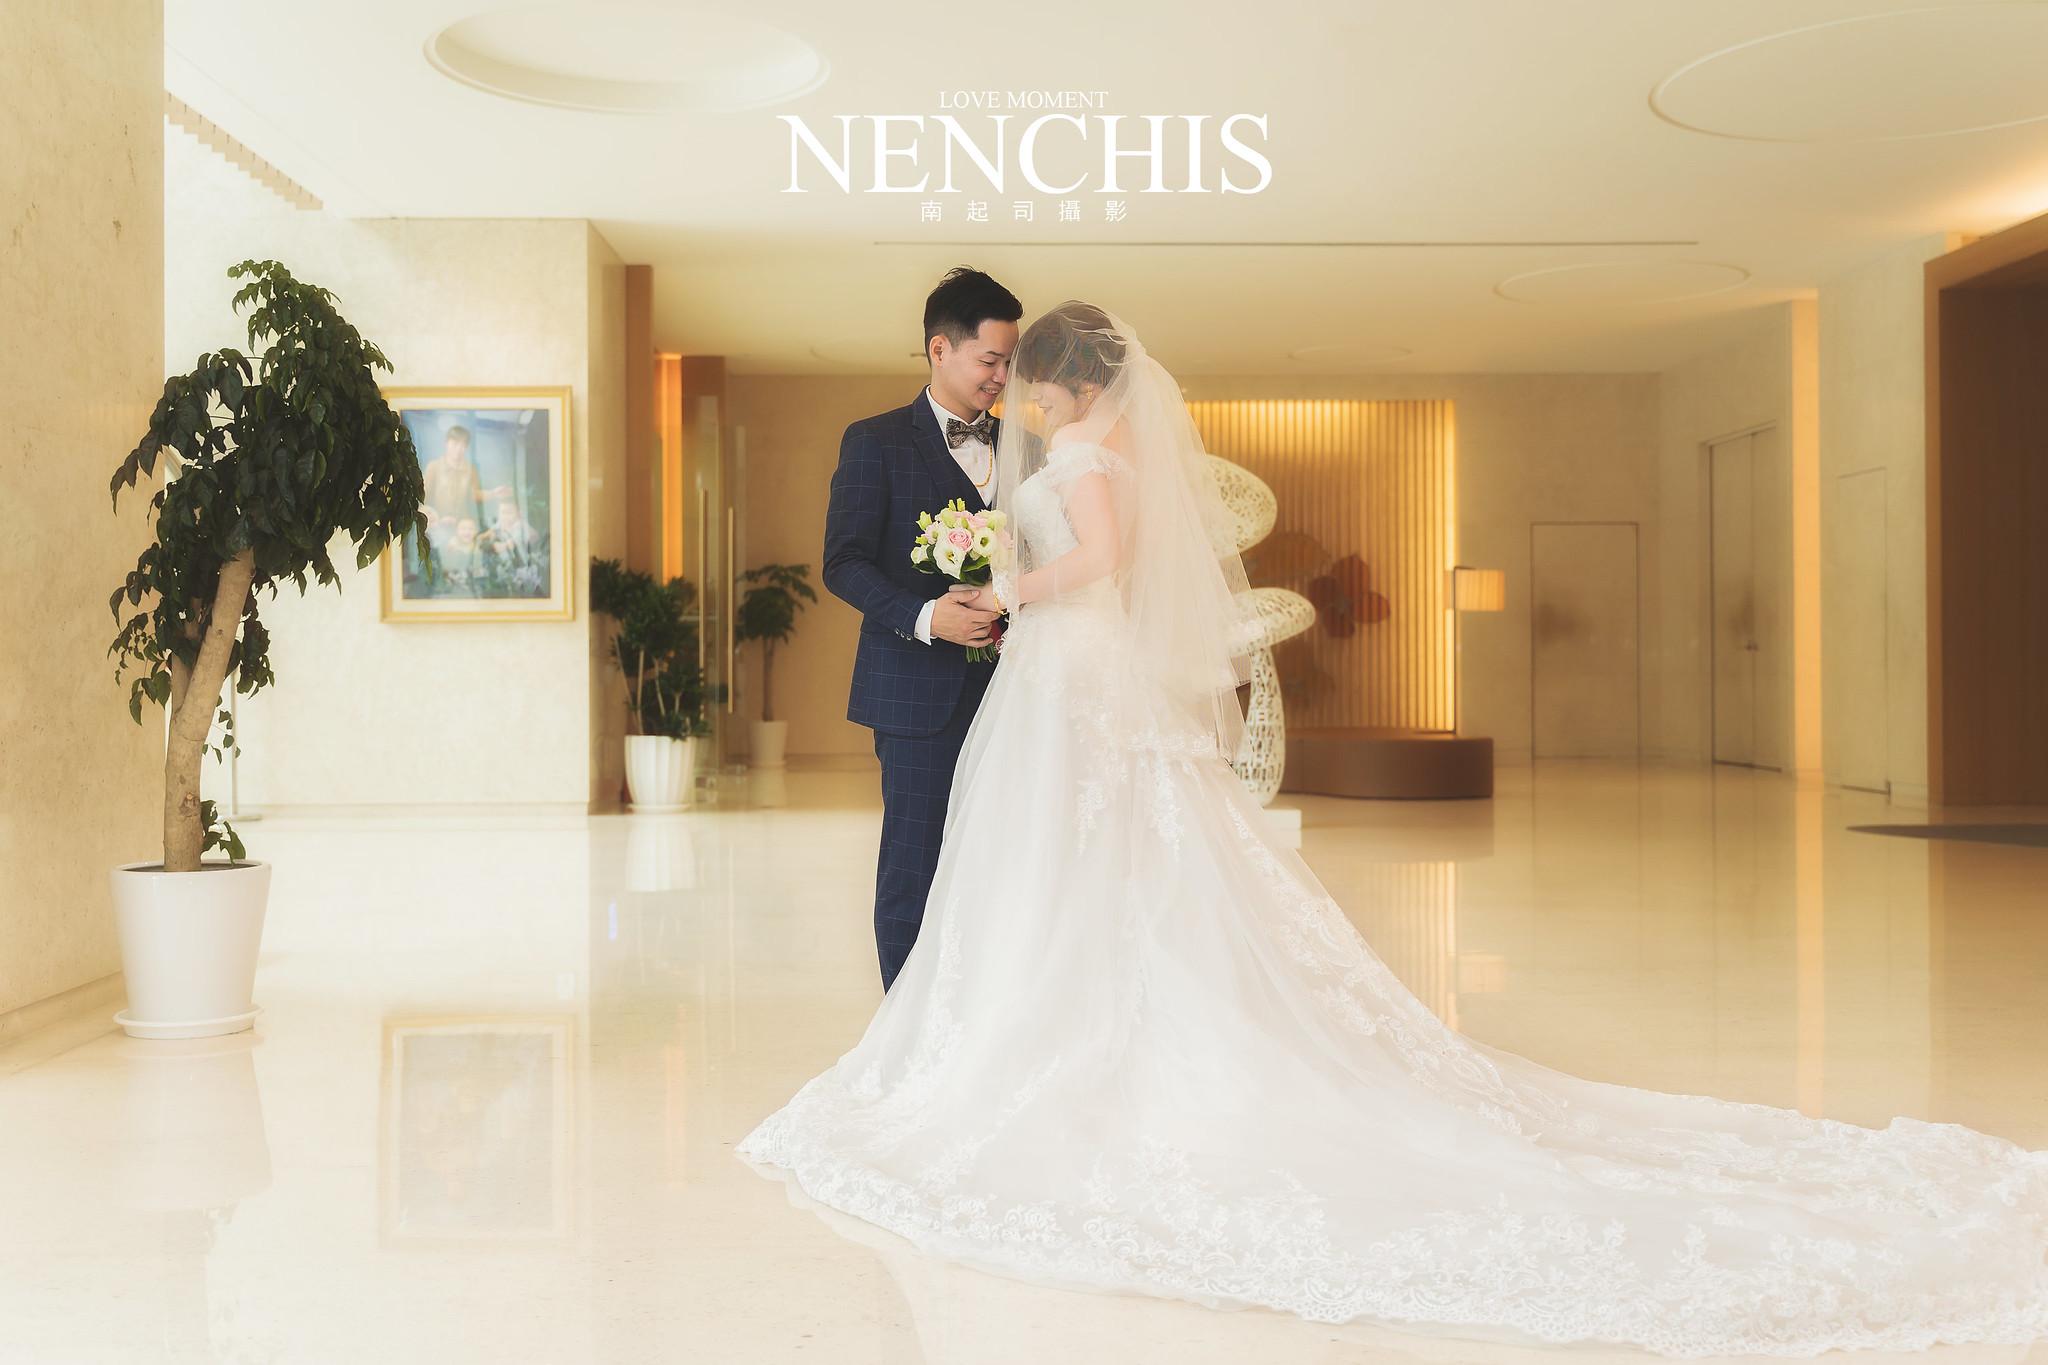 台中婚攝,日月千禧酒店,南起司,Nenchis,婚禮紀錄,日月千禧